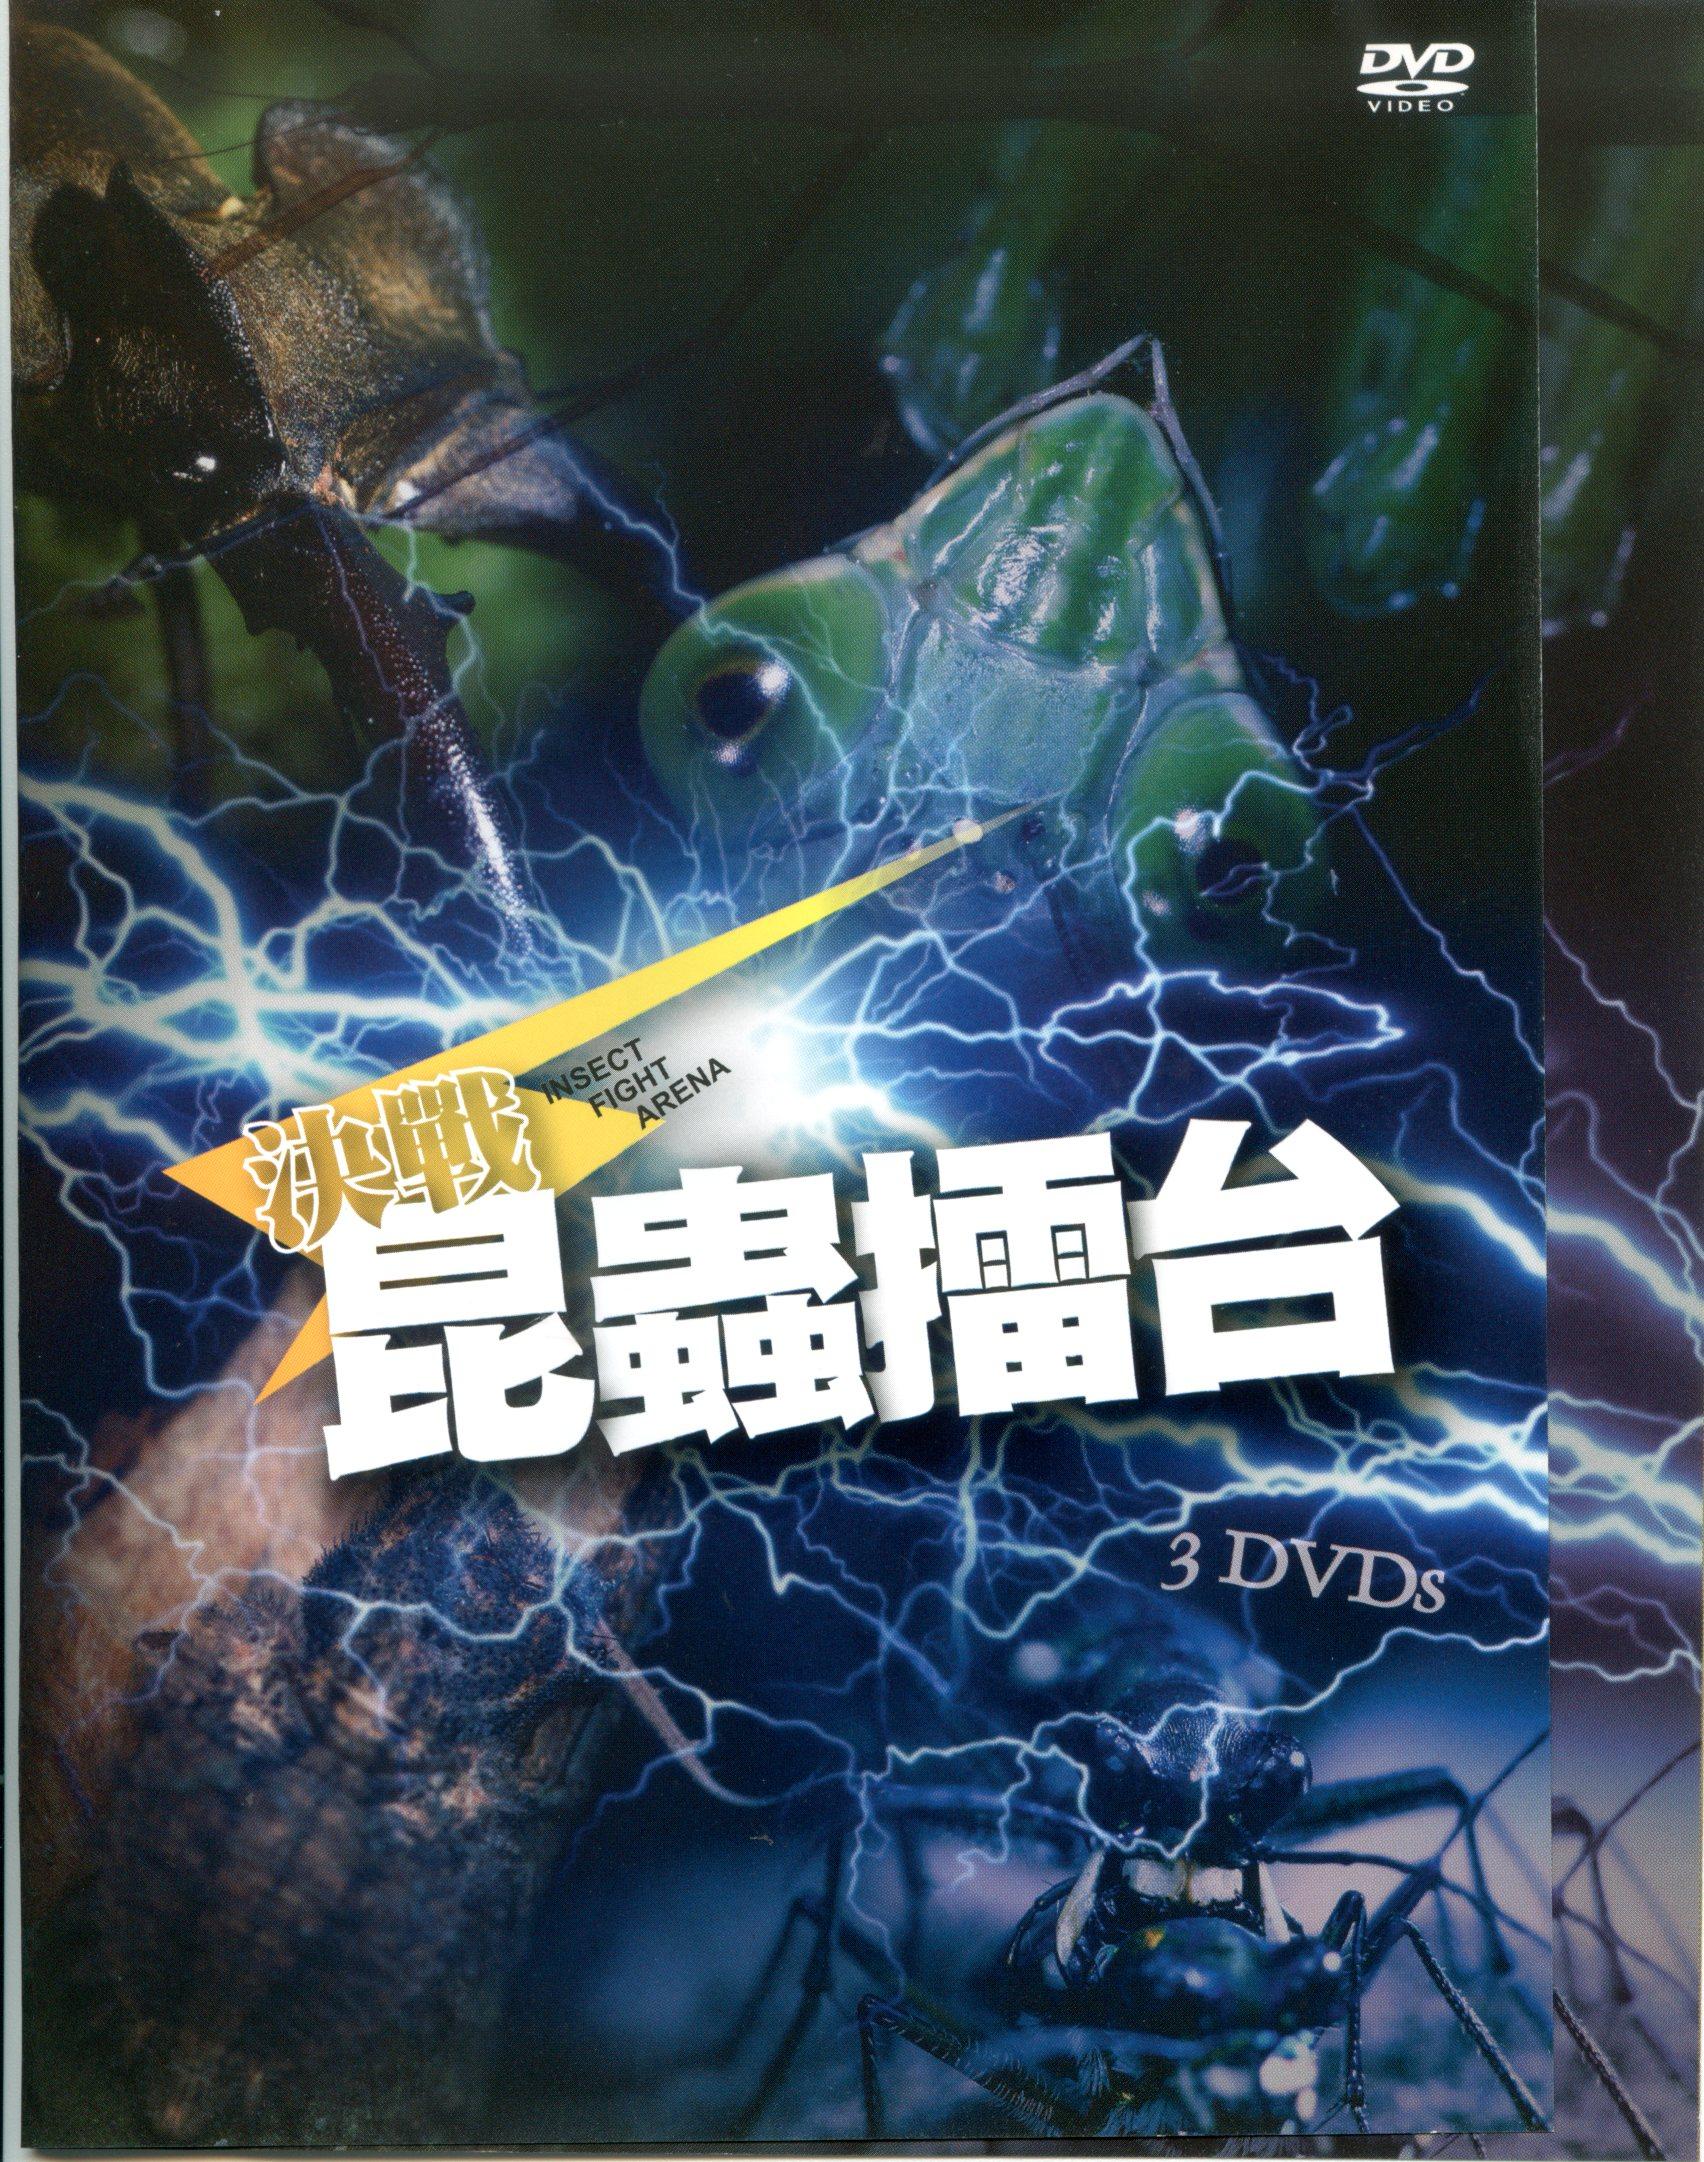 決戰昆蟲擂台 Insect fight arena /